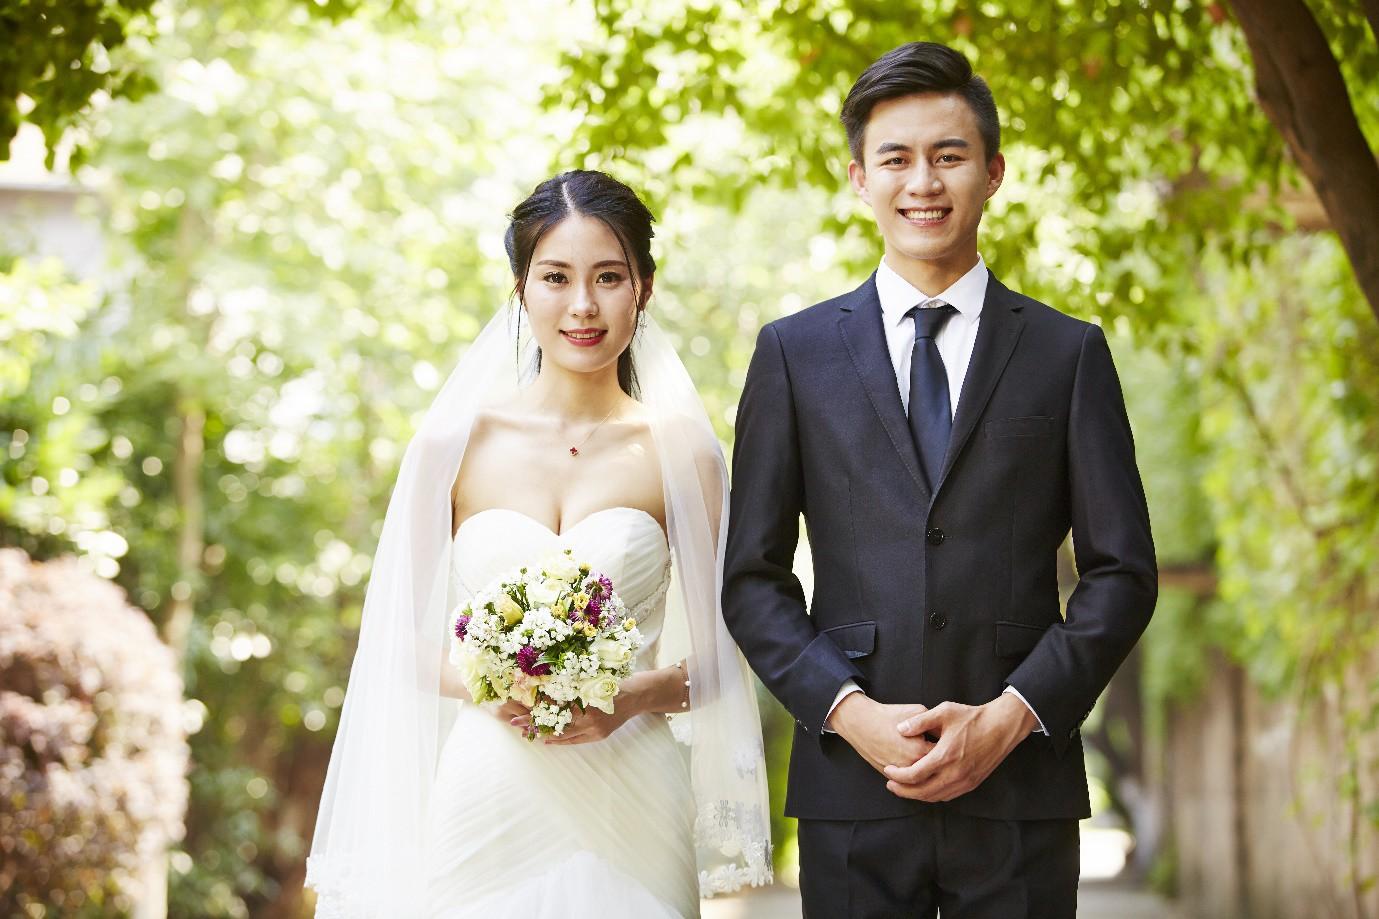 5 bí quyết giữ thần thái để có bộ ảnh cưới trong mơ - Ảnh 2.